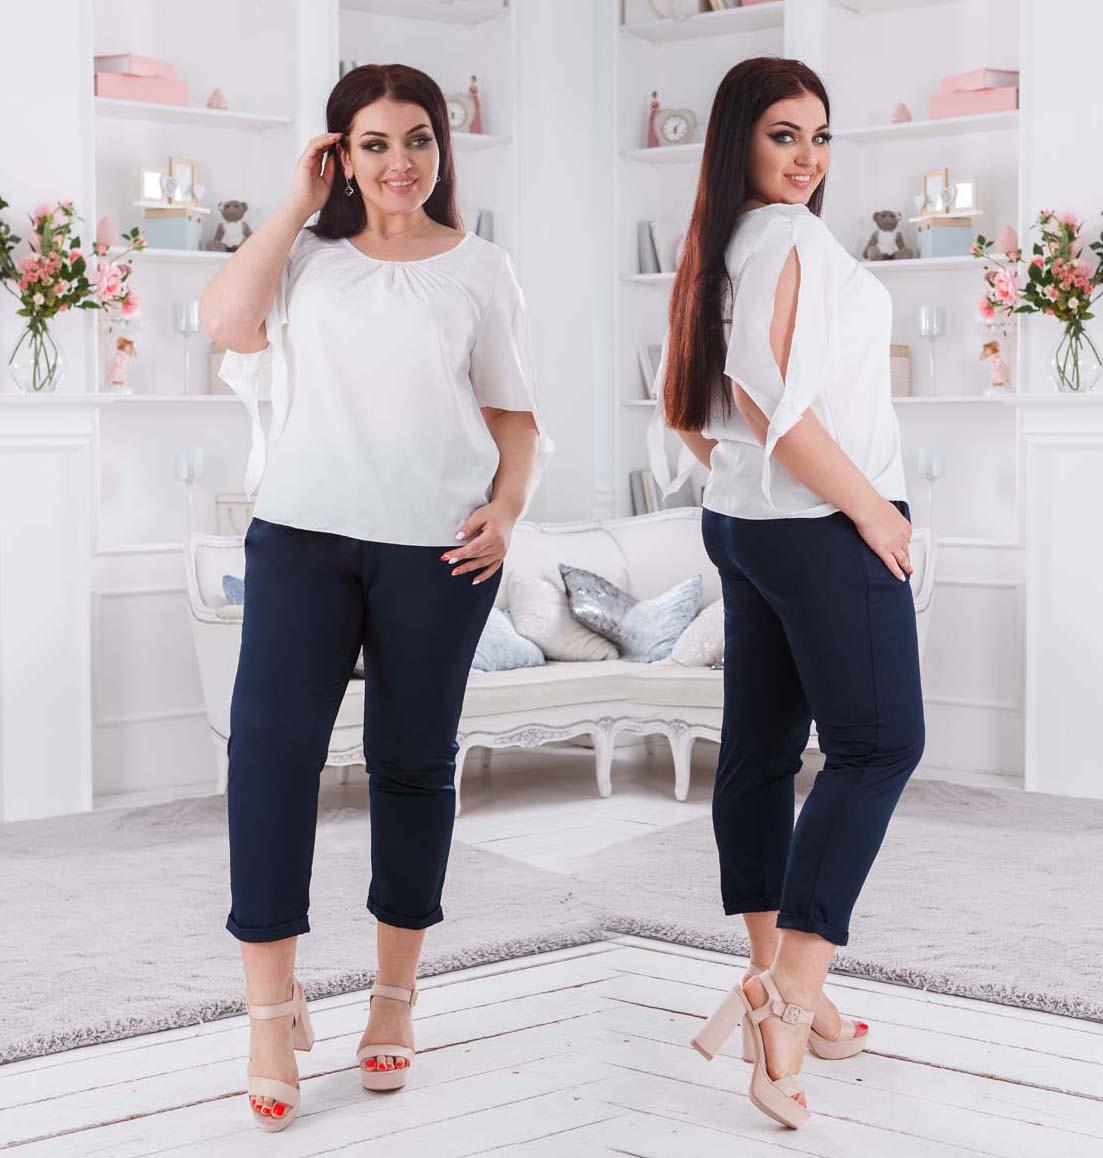 """Женские стильные брюки в больших размерах 41345 """"Креп Чинос"""" в расцветках"""